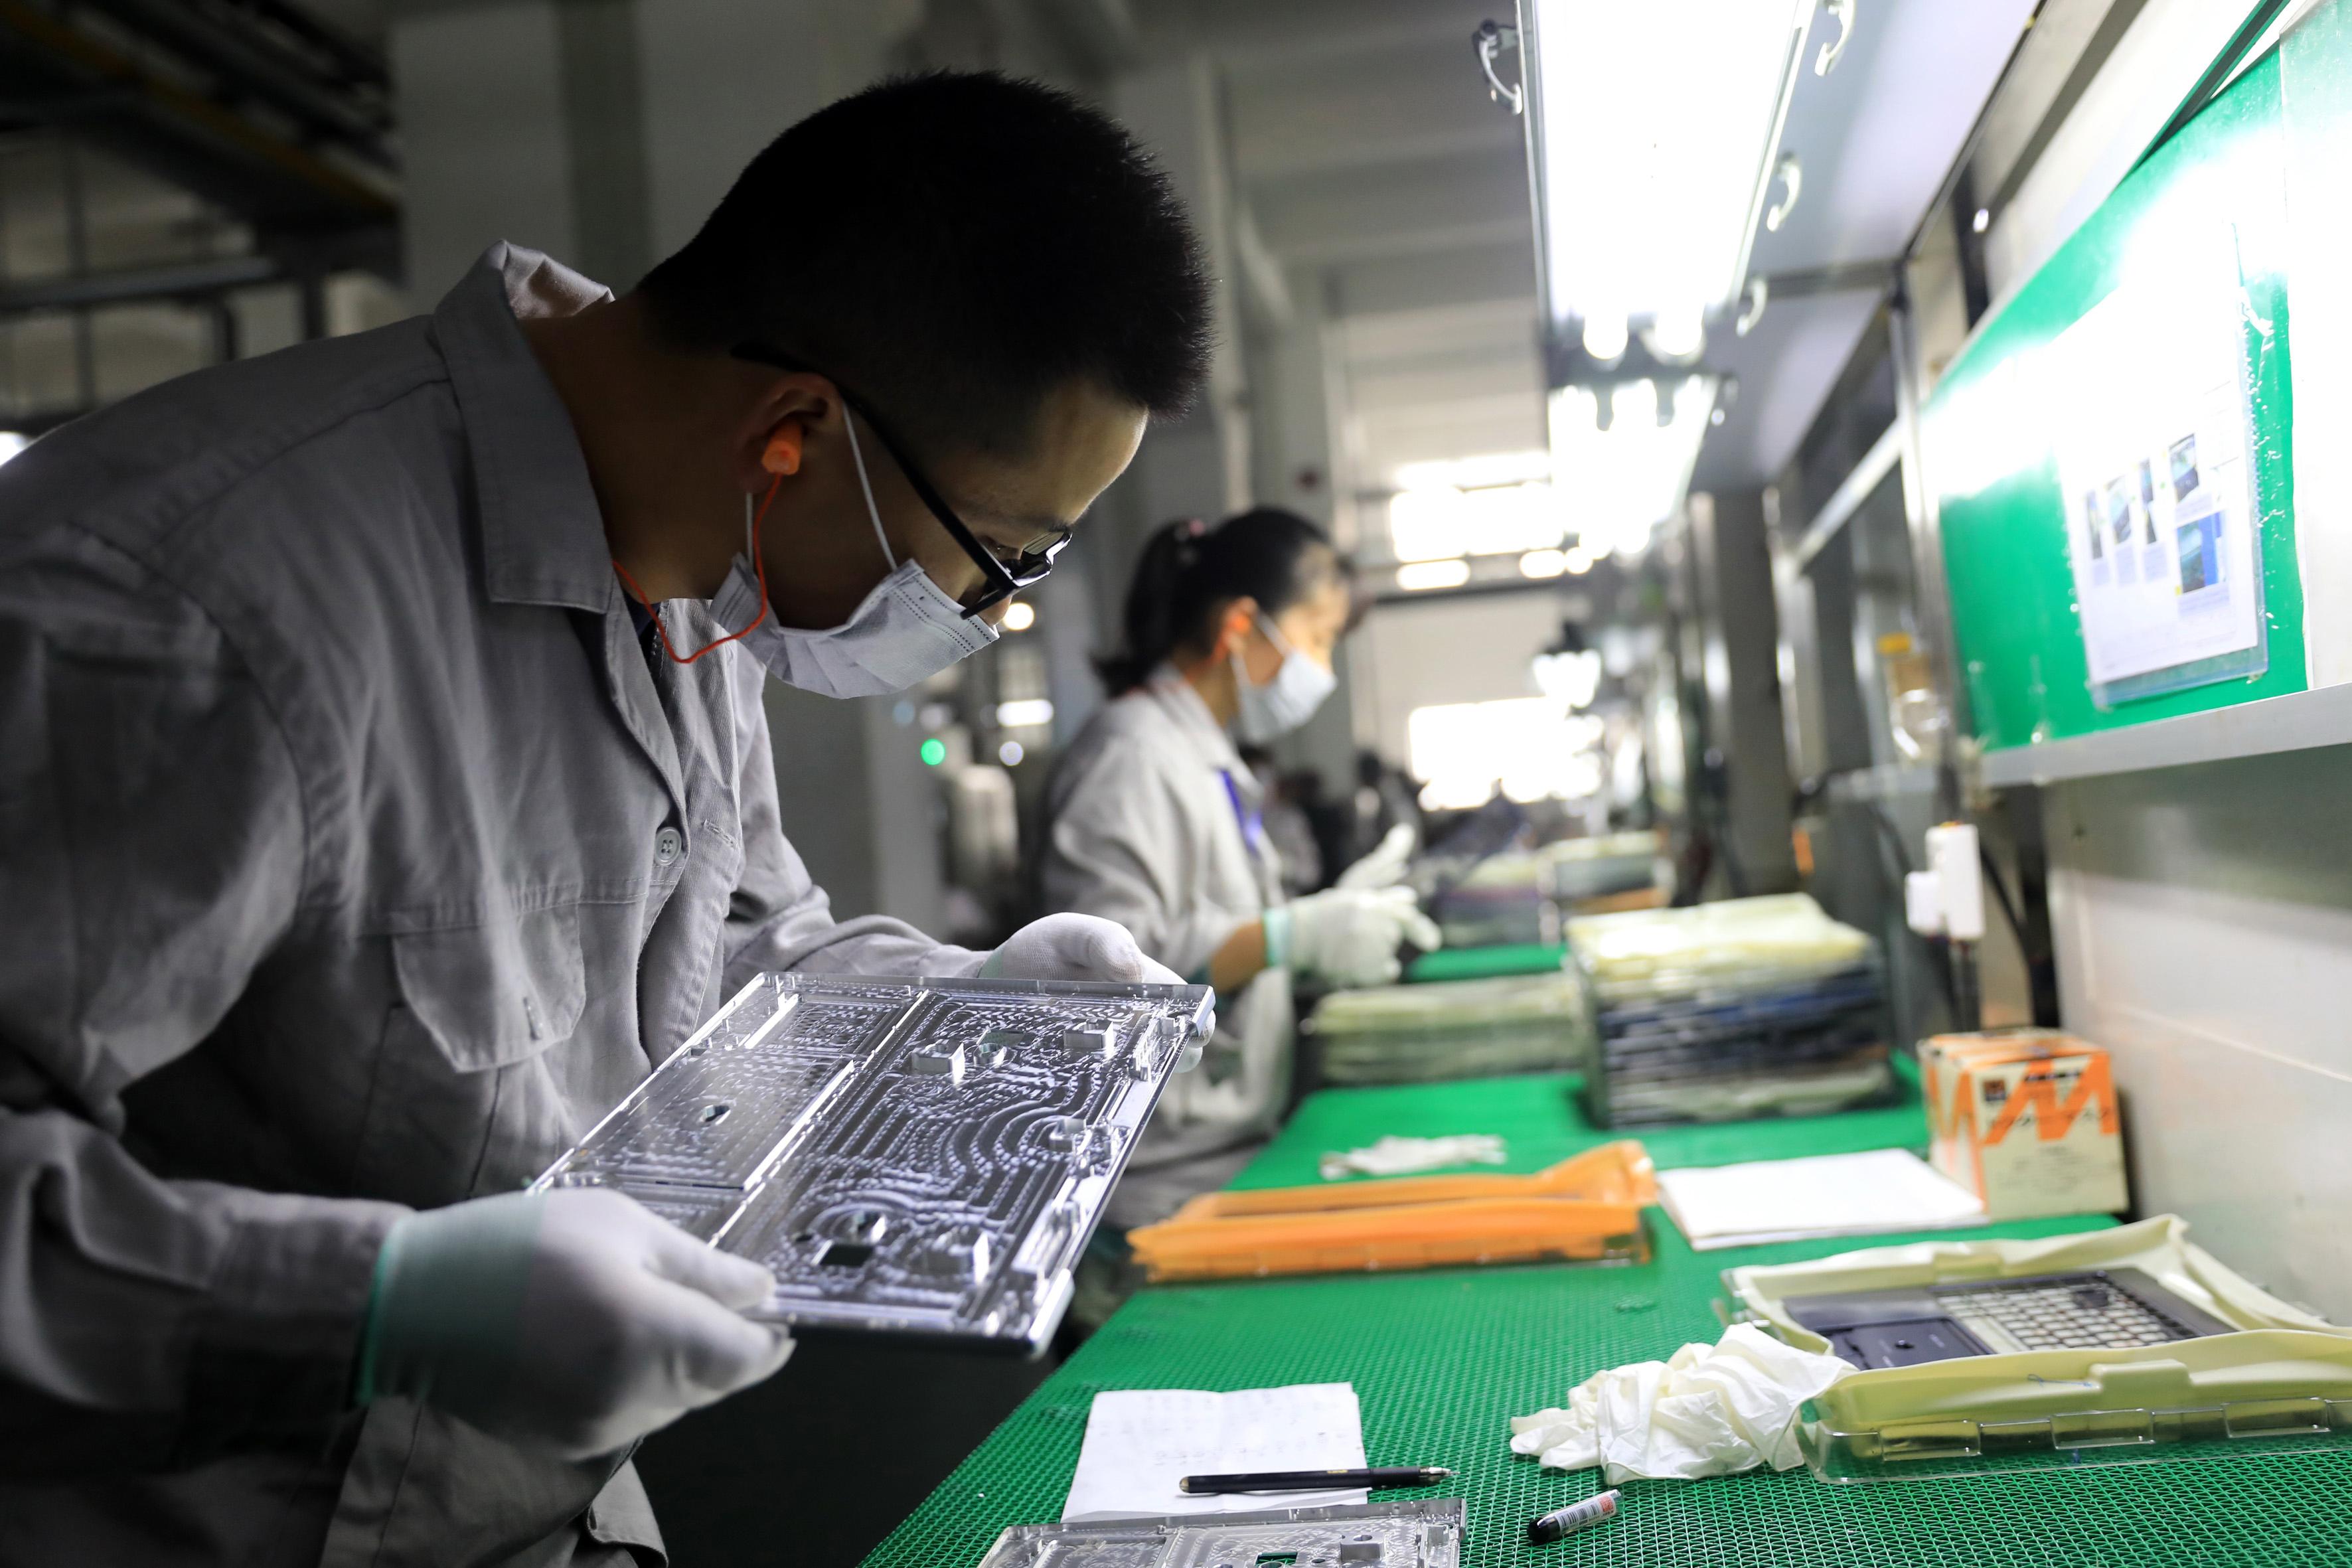 疫情爆發促美加強國內採購 全球化或大逆轉